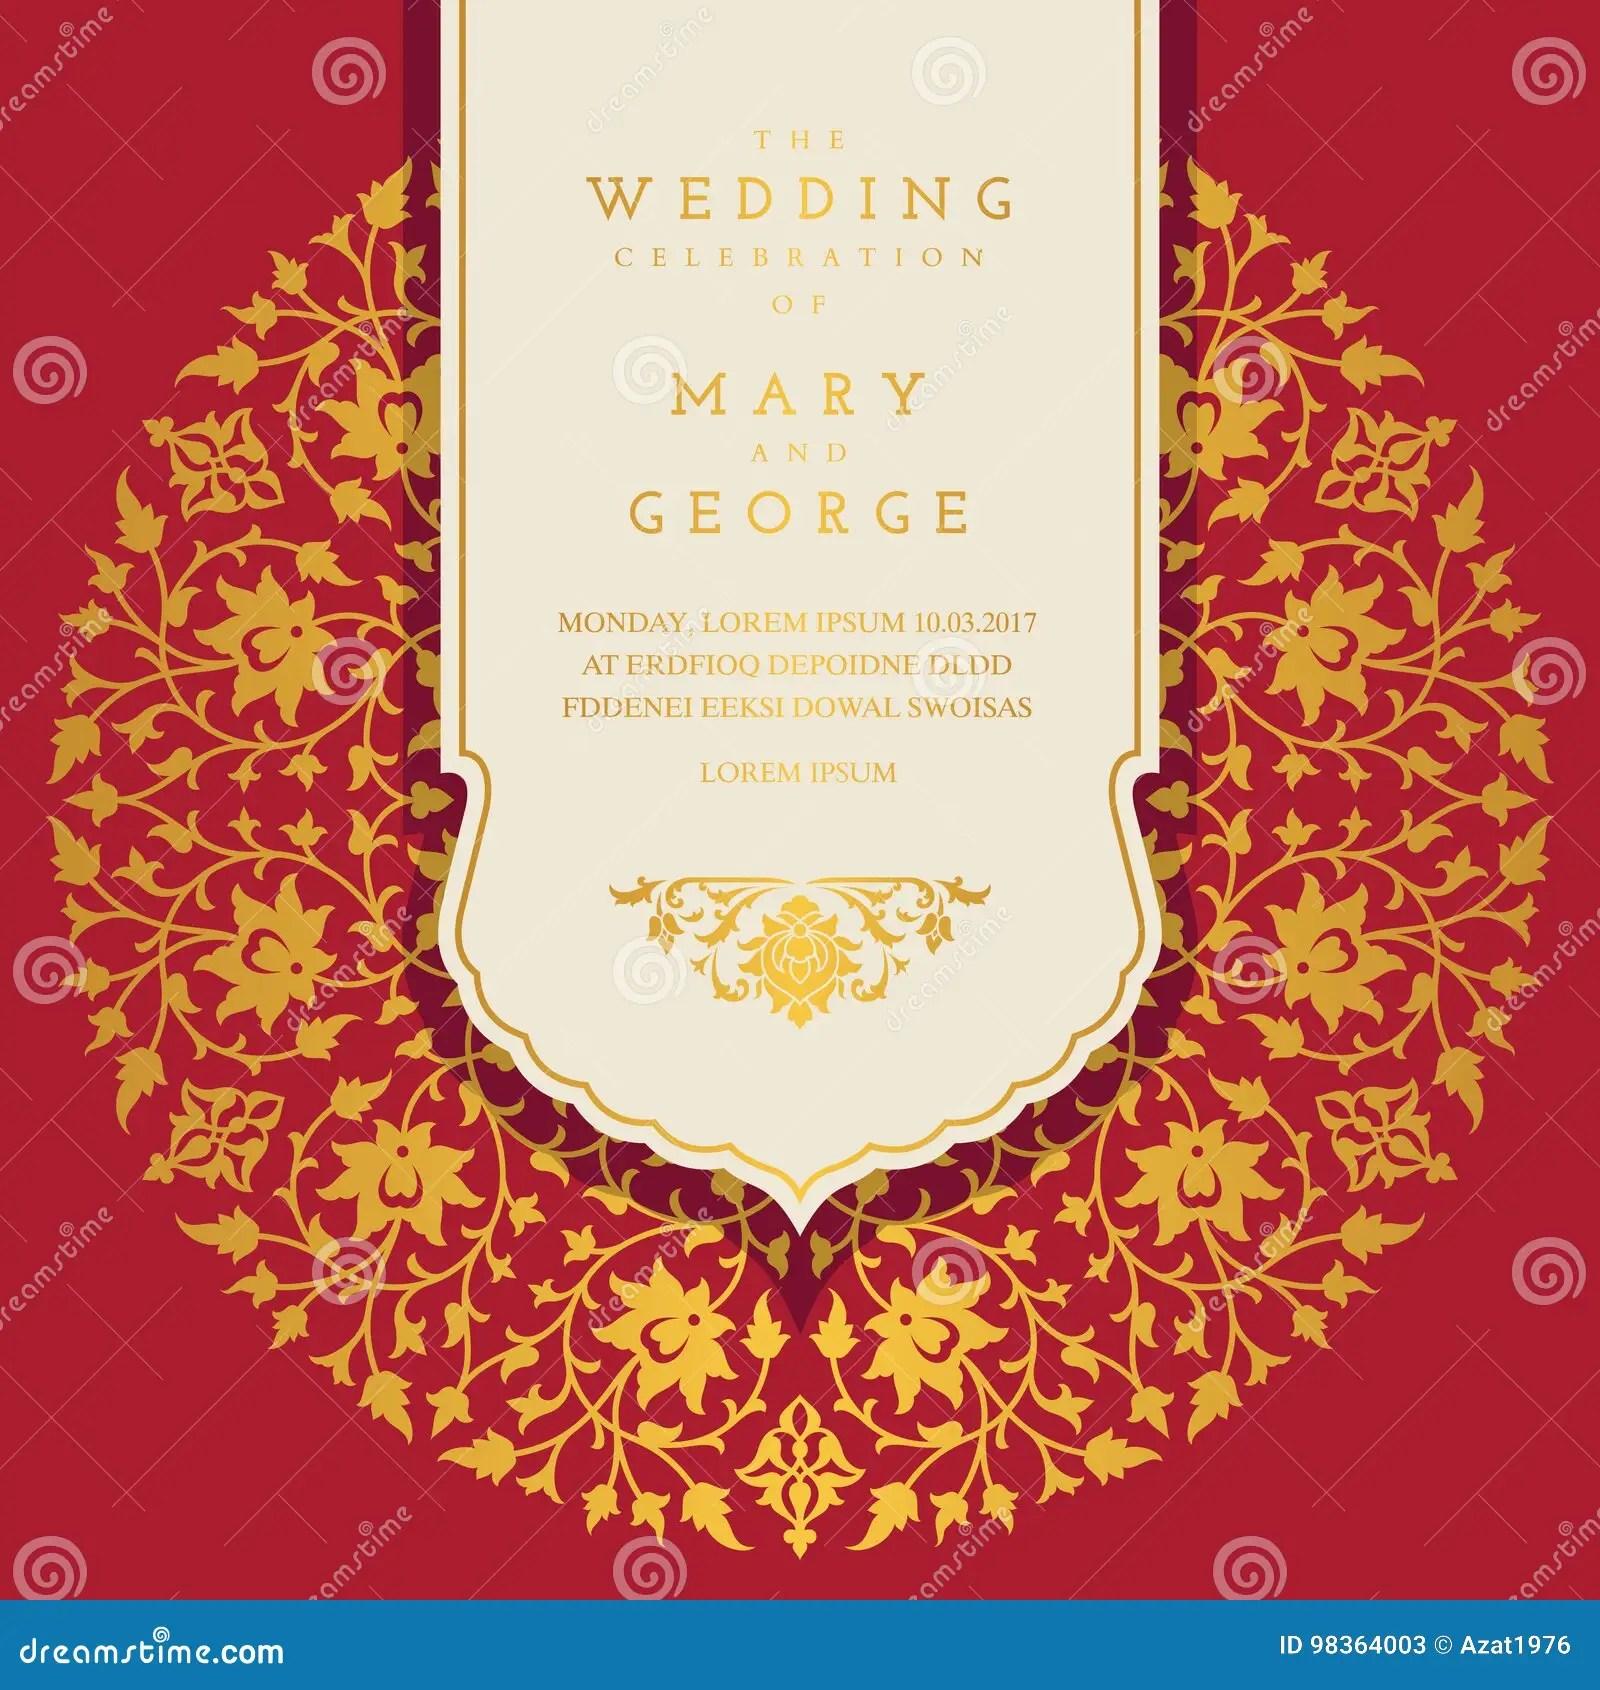 https www dreamstime com stock illustration vintage wedding invitation card template floral background image98364003